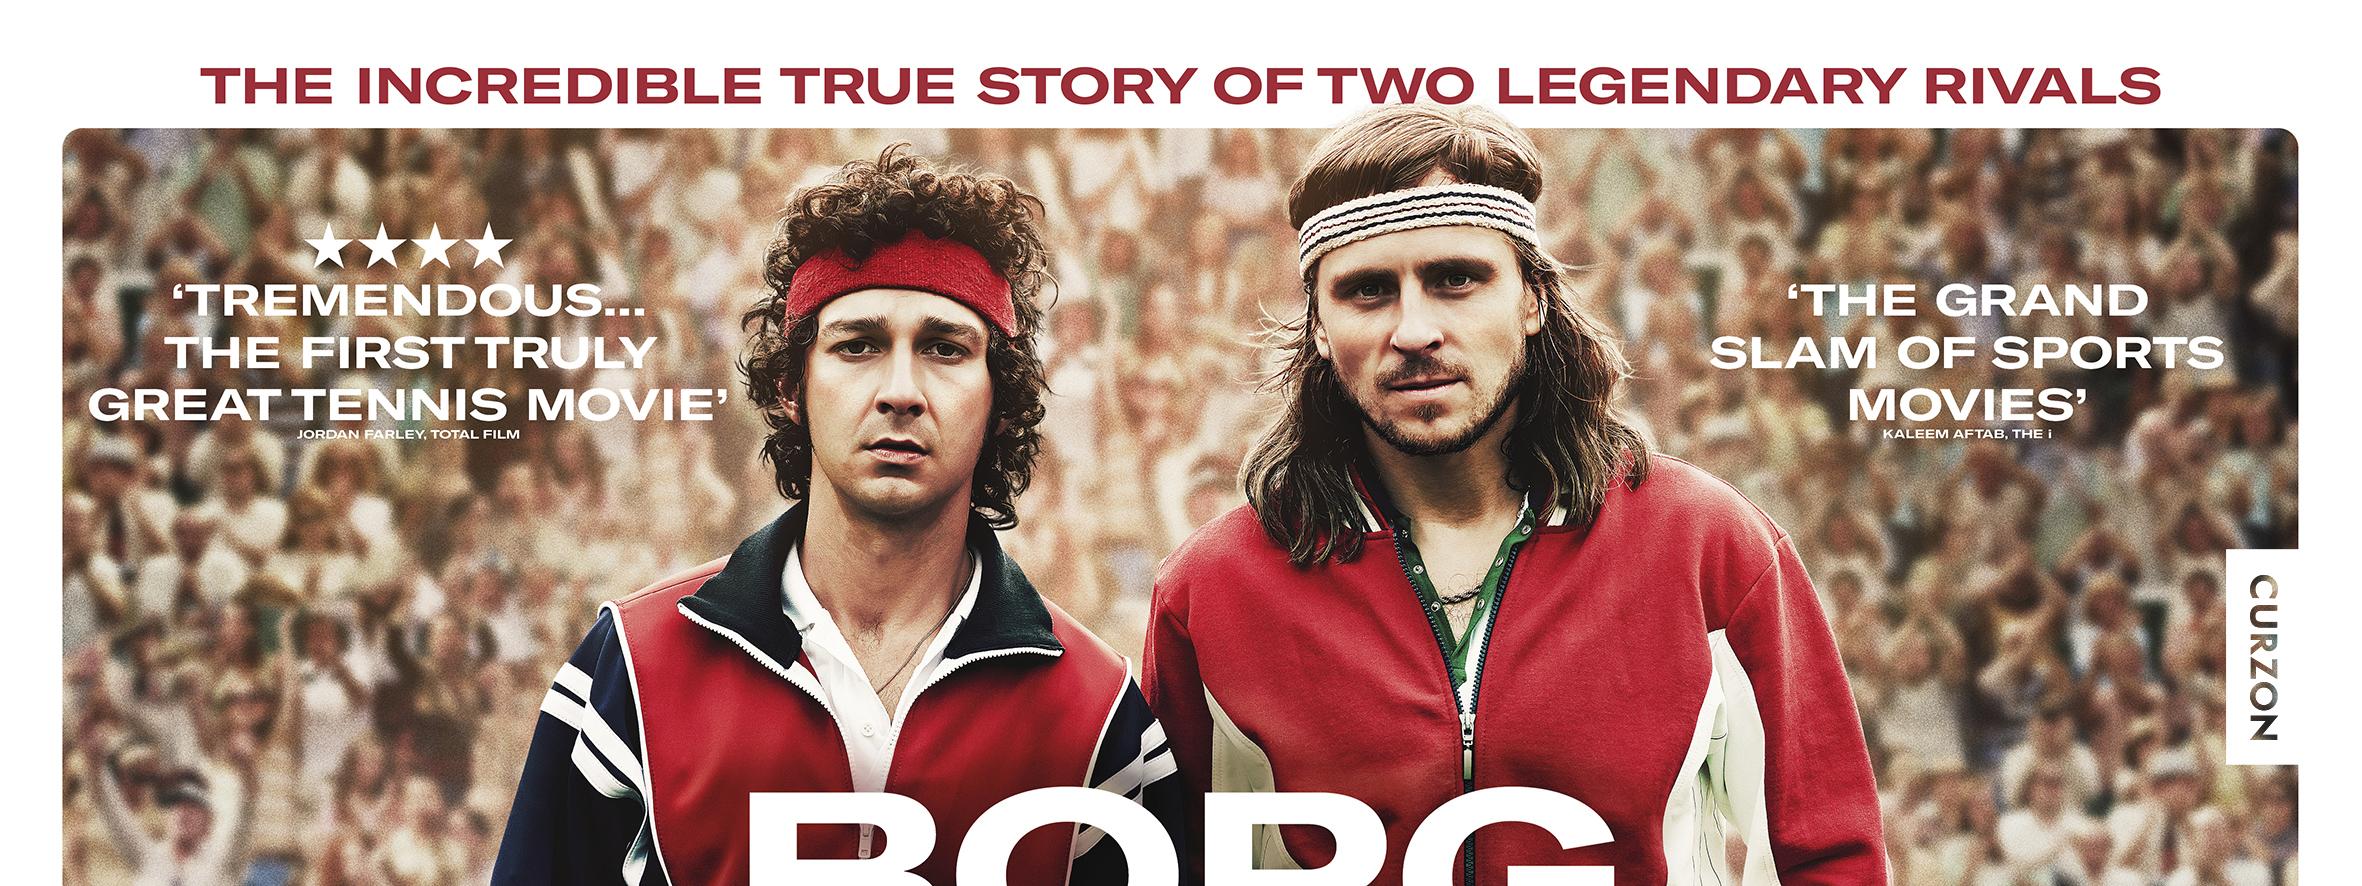 PELÍCULAS: Cinco films de deportes que no podés dejar de ver